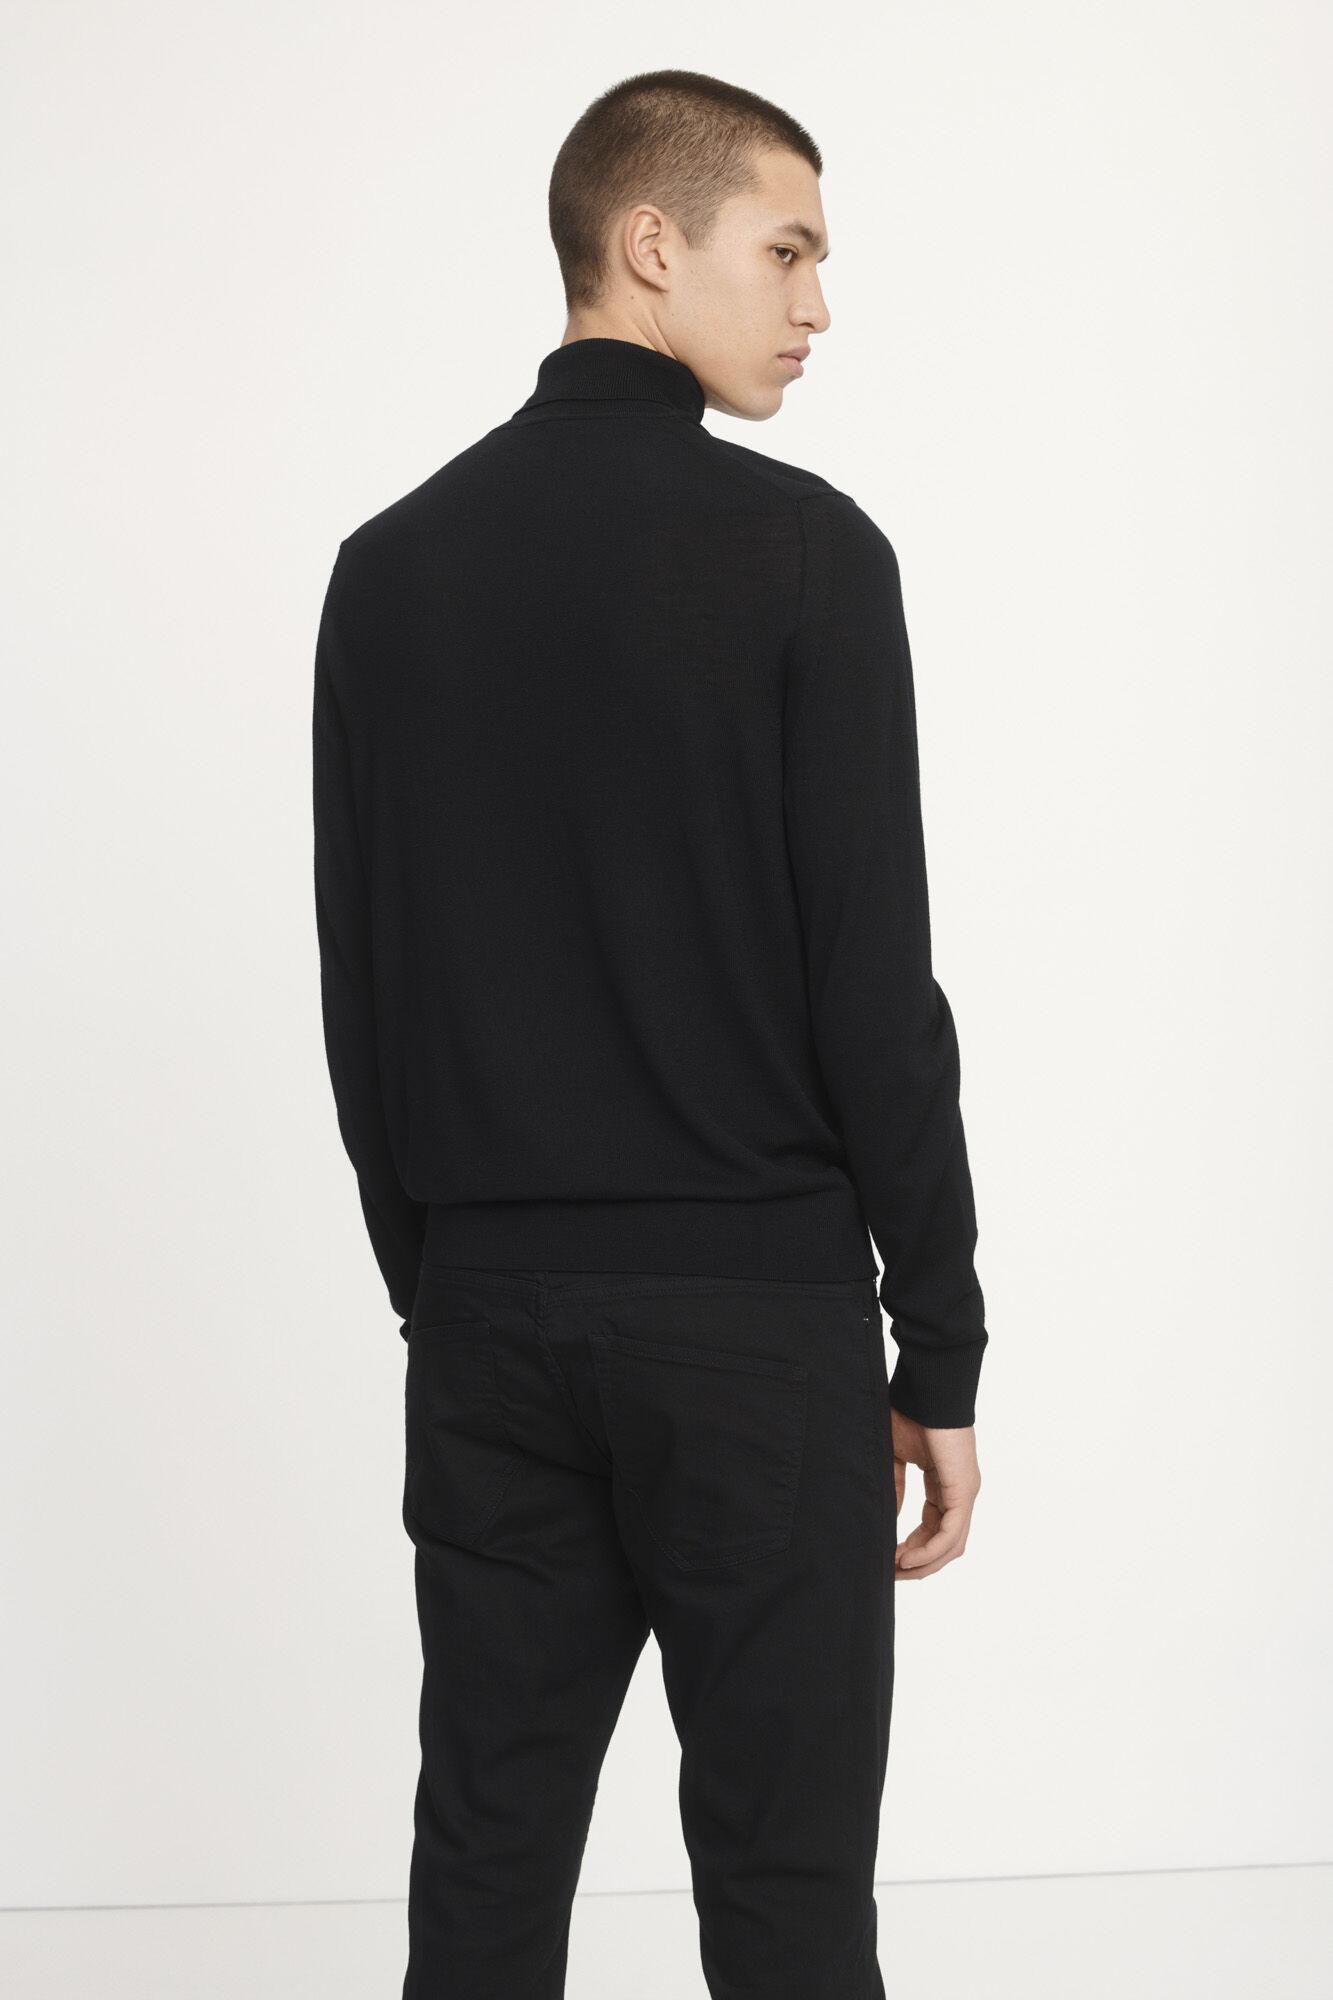 Stefan jeans 5890